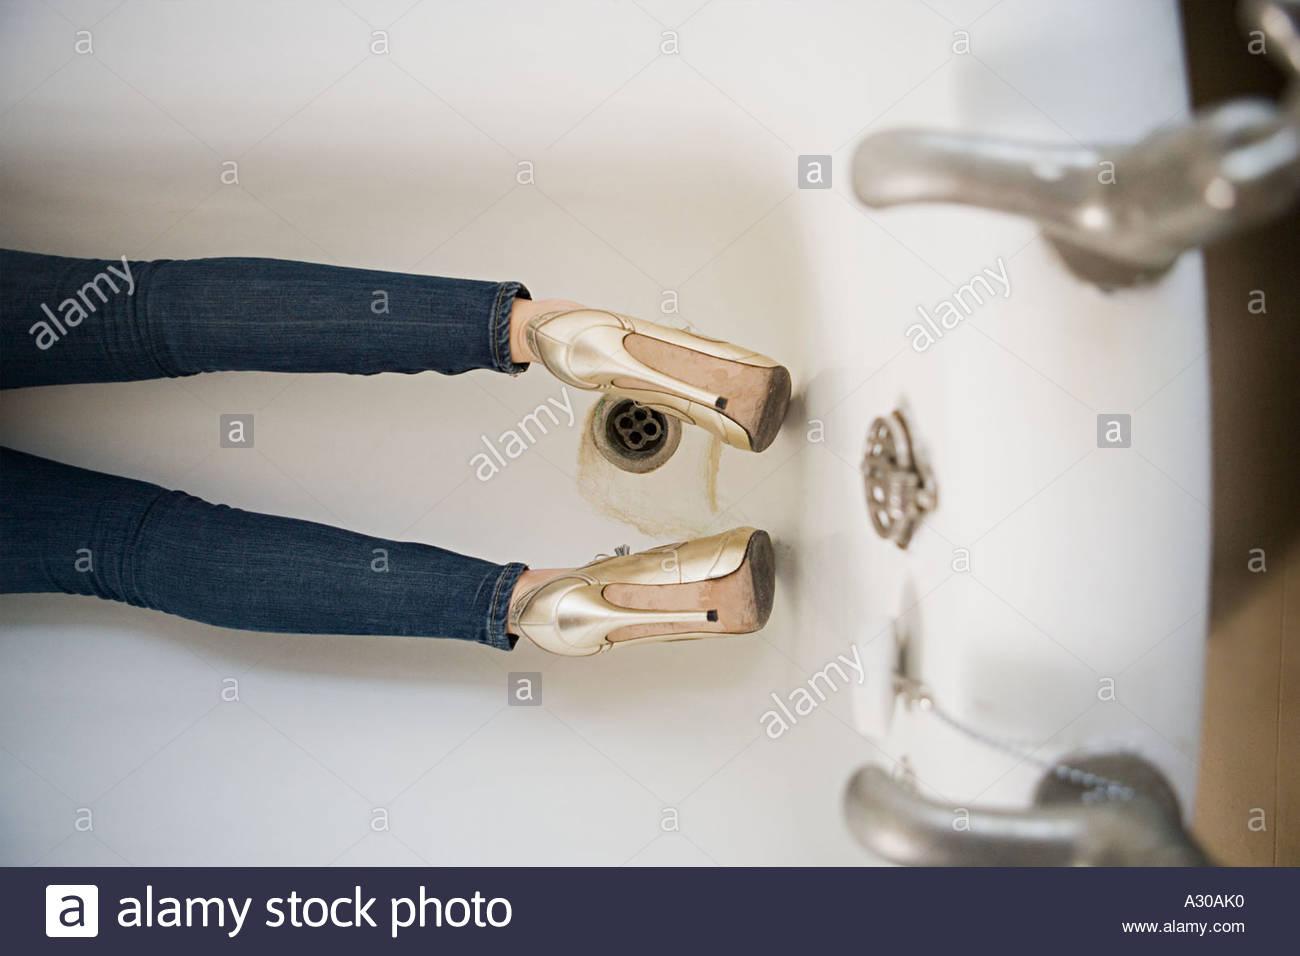 Jeans Vasca Da Bagno : Completamente vestito gambe della donna nella vasca da bagno foto